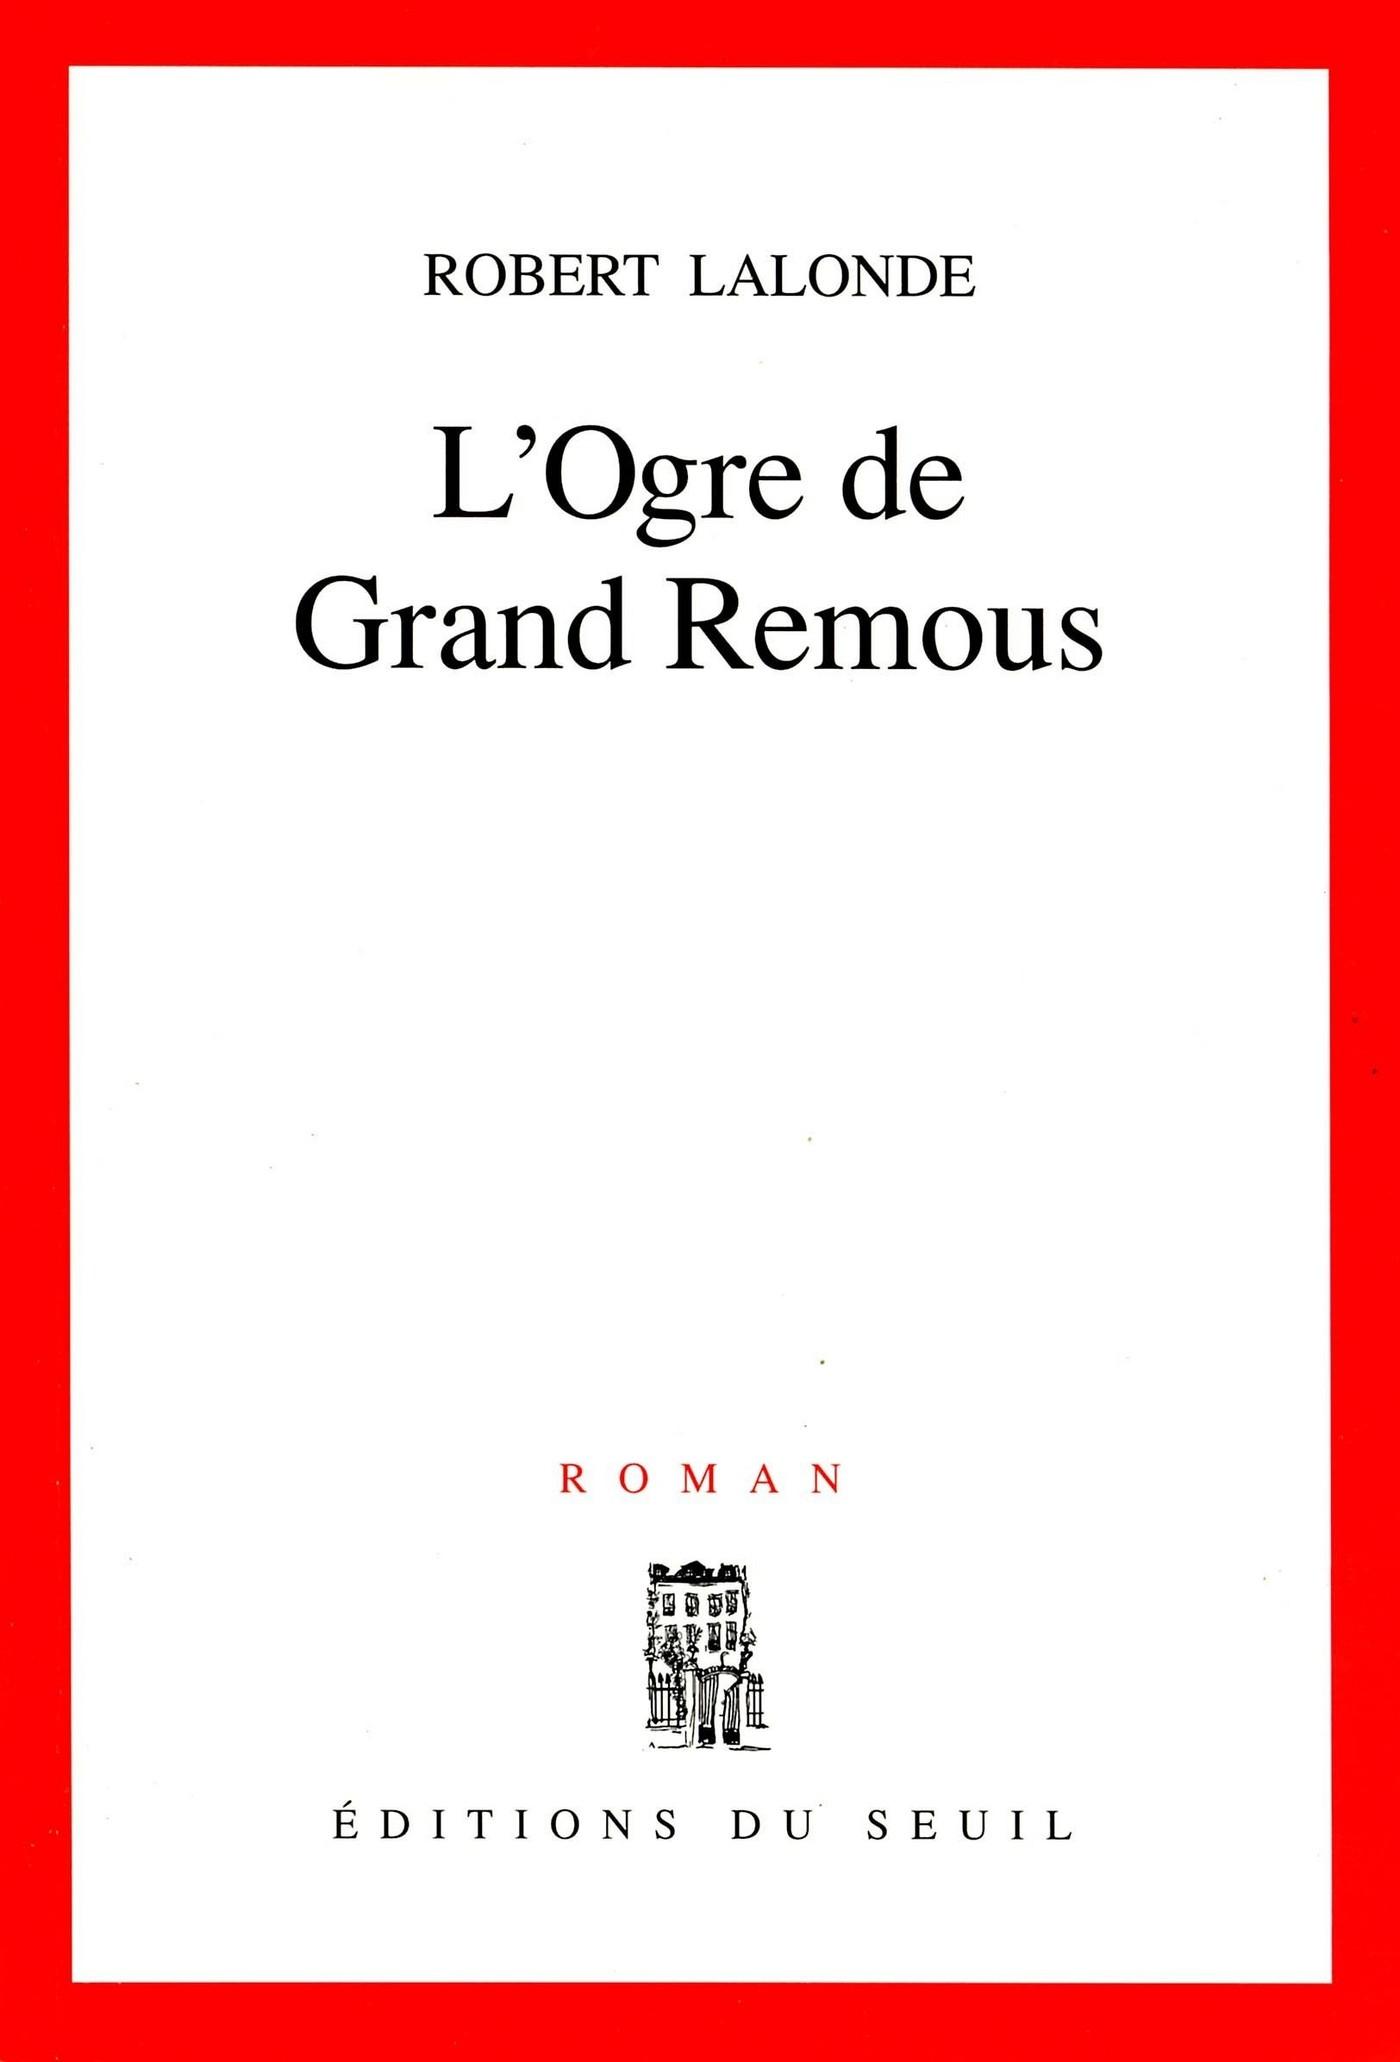 L'Ogre de Grand Remous